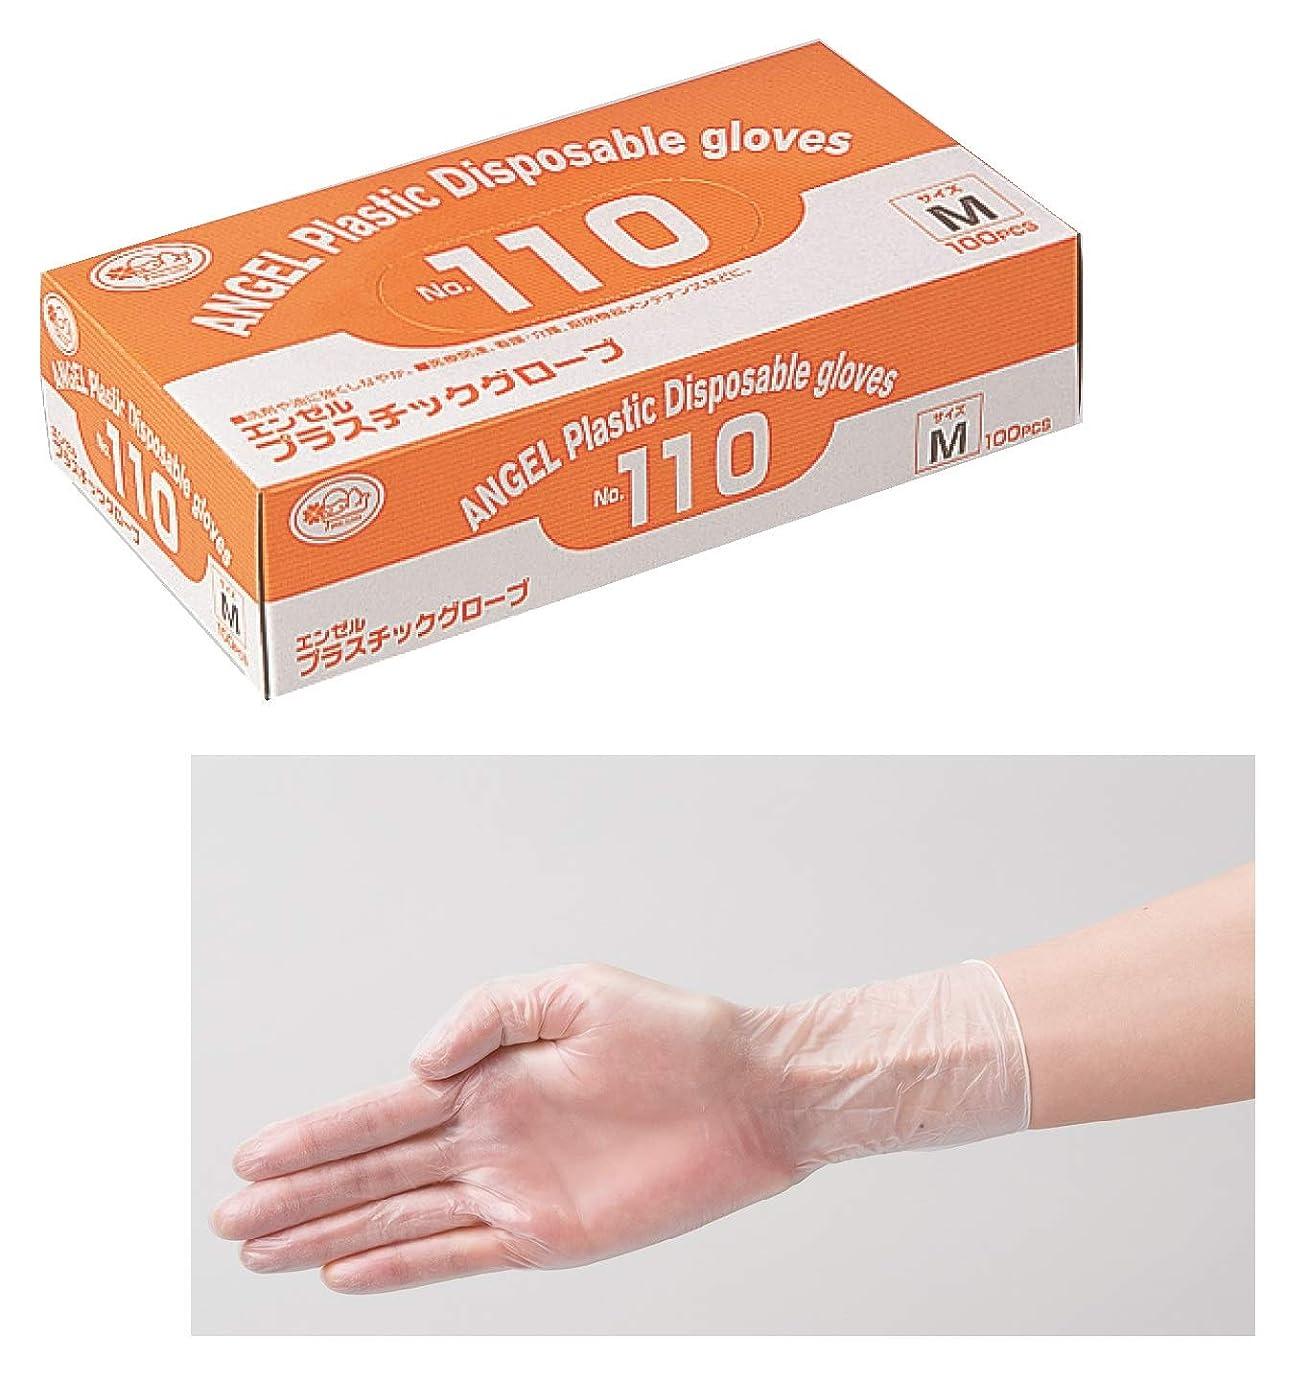 角度メトリック先サンフラワー No.110 プラスチックグローブ 粉付 100枚入り (L)